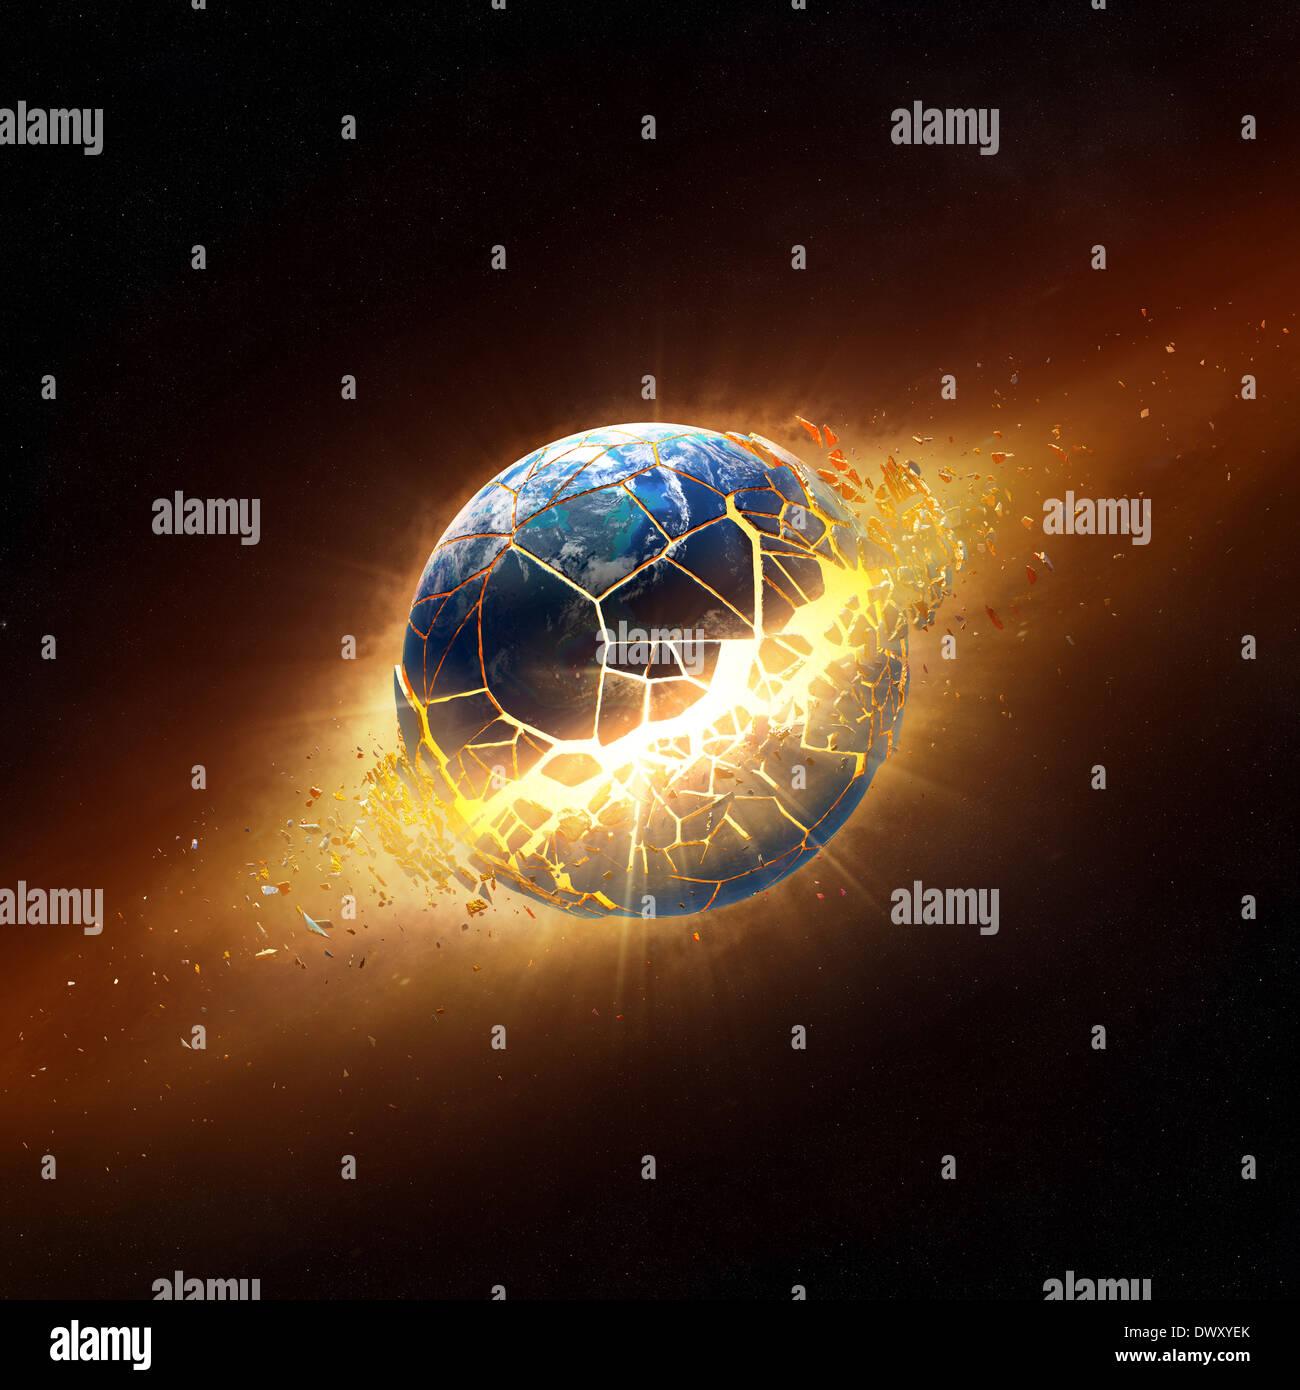 Planeta tierra explotar en el espacio (los elementos de esta imagen 3d proporcionado por la NASA - Mapas de textura desde http://visibleearth.nasa.gov/) Imagen De Stock